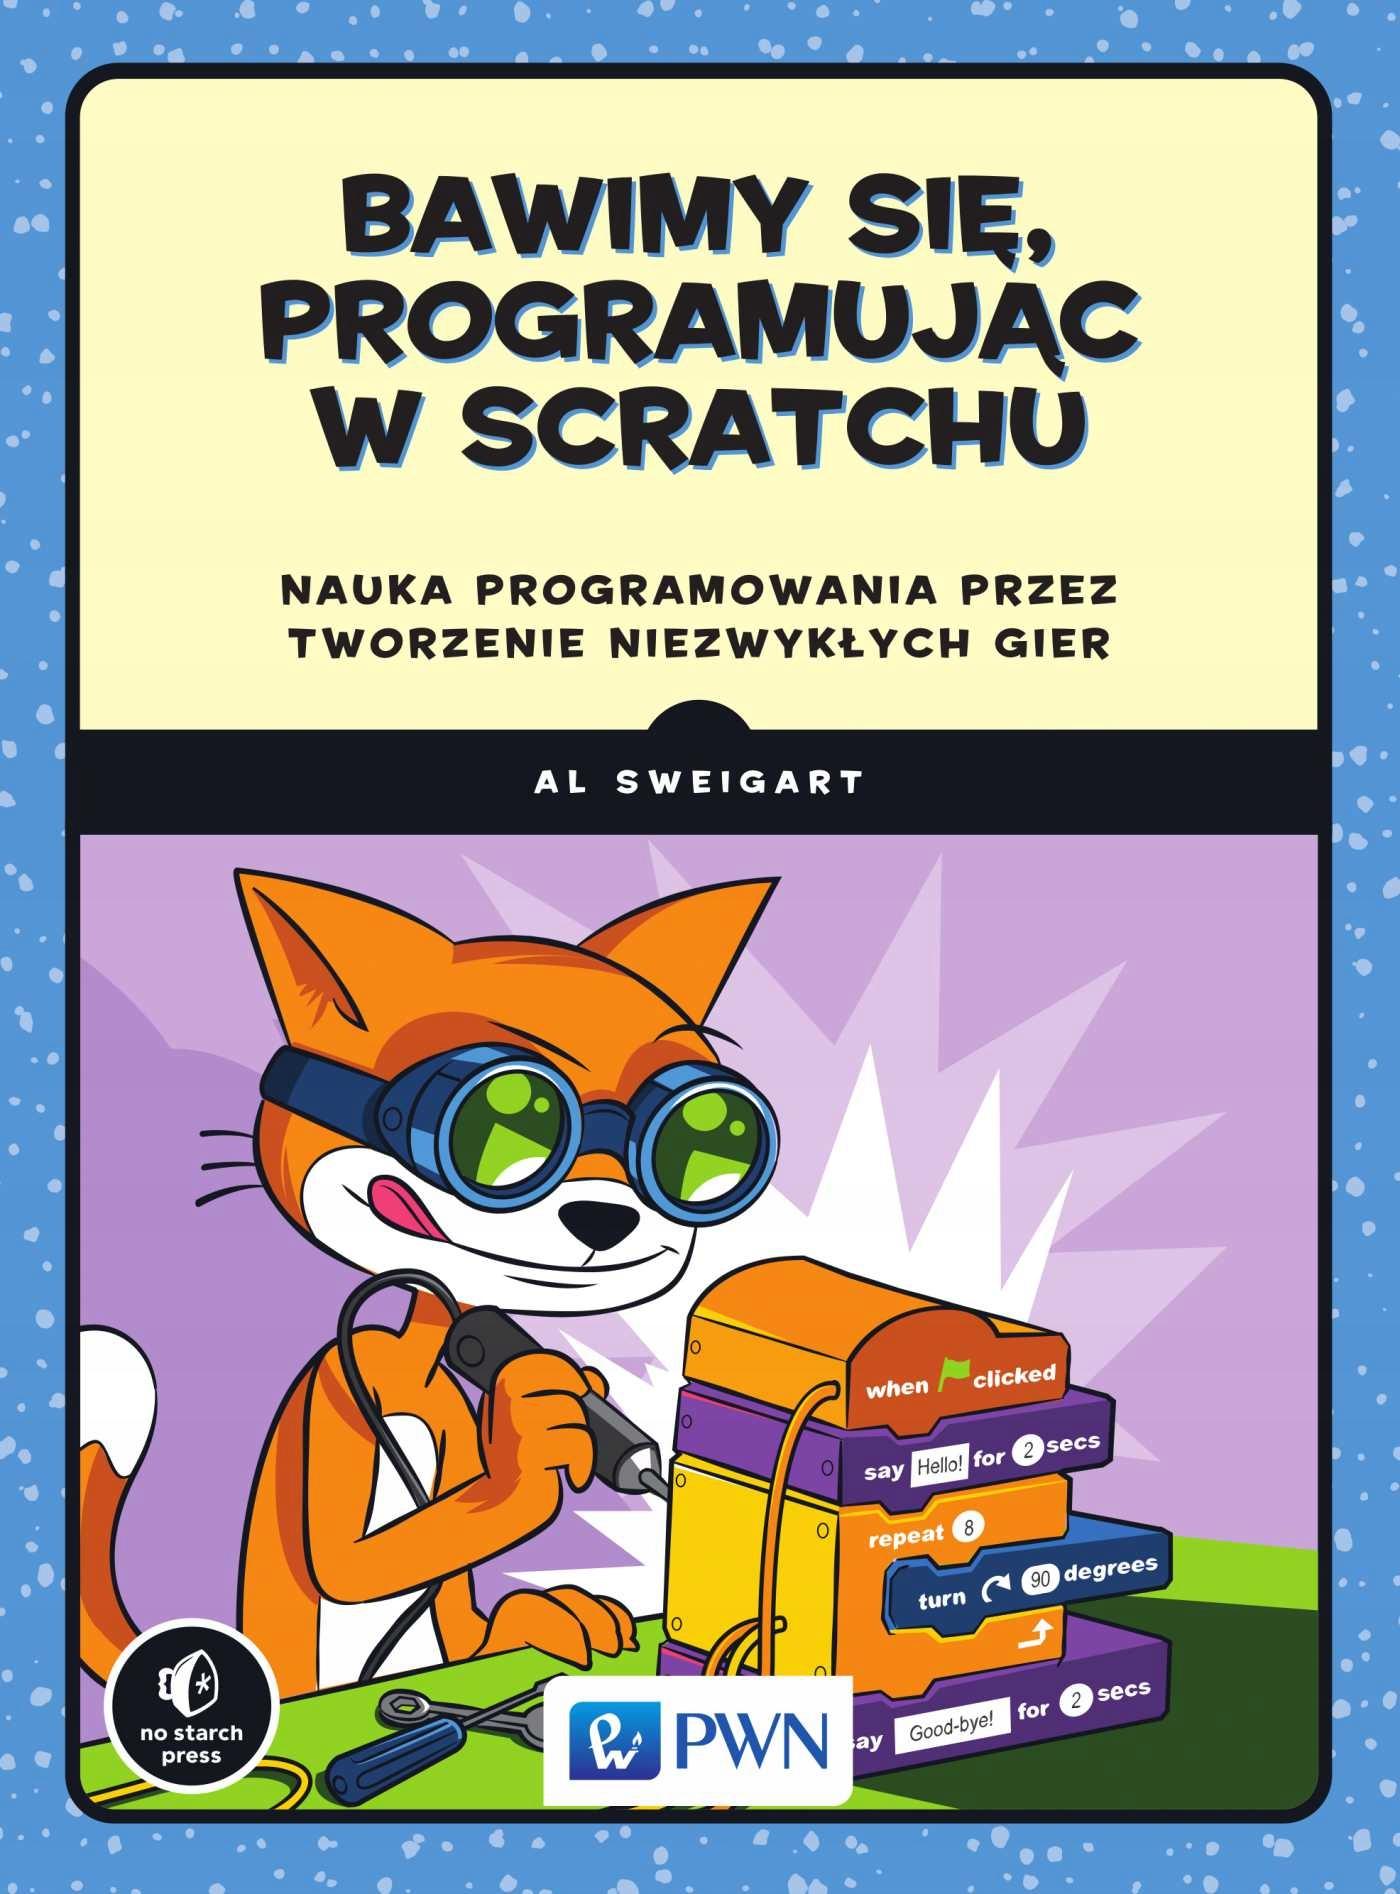 Bawimy się, programując w... Al Sweigart